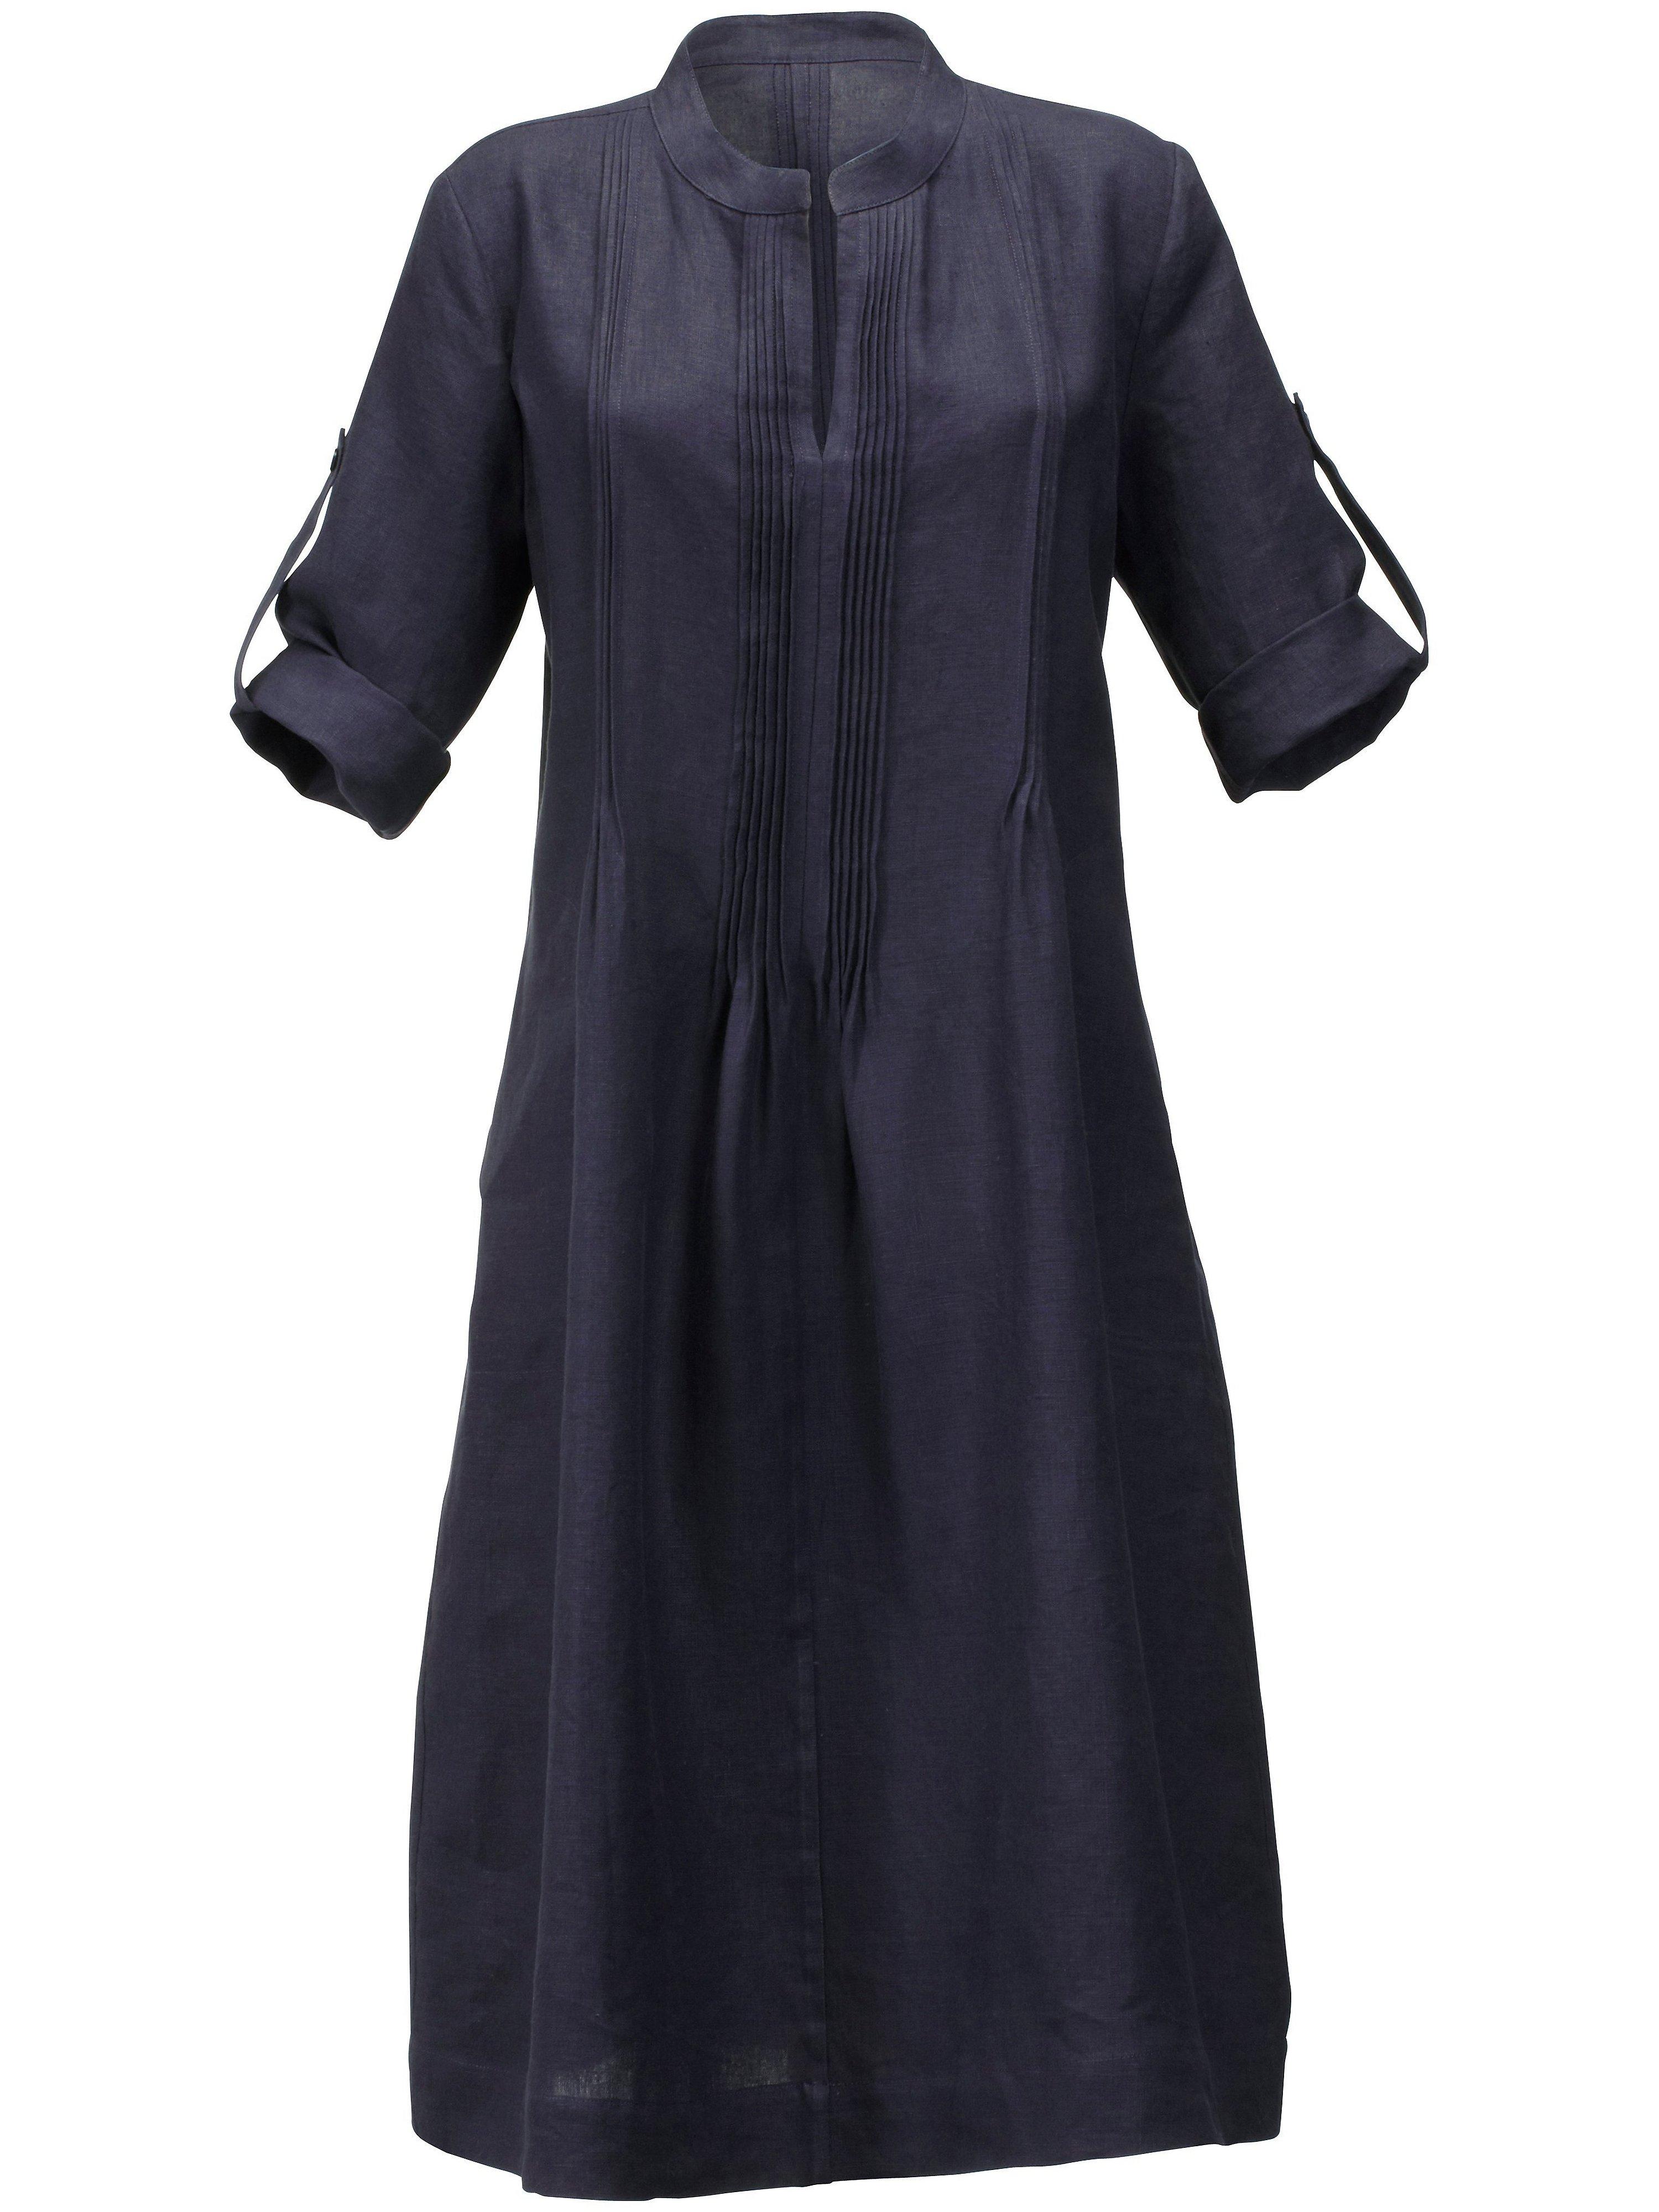 Jurk van 100% linnen Van Anna Aura blauw